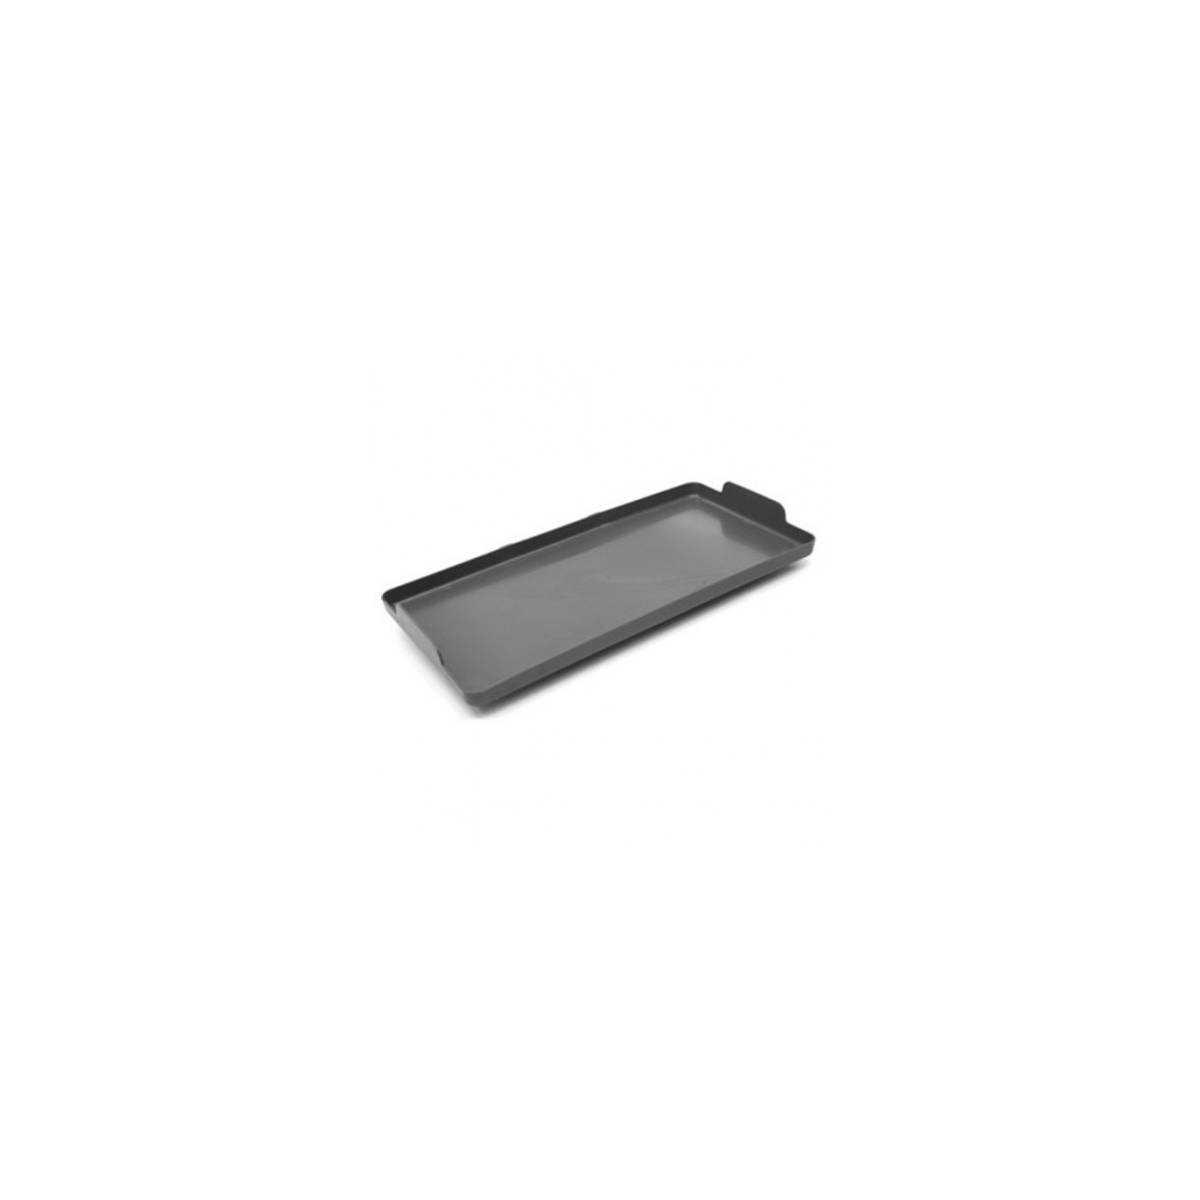 Пластиковая нижняя основа для ведер 15л для тележек Tecno 01 и Modular 150-170 (S030300) S030300 TTS